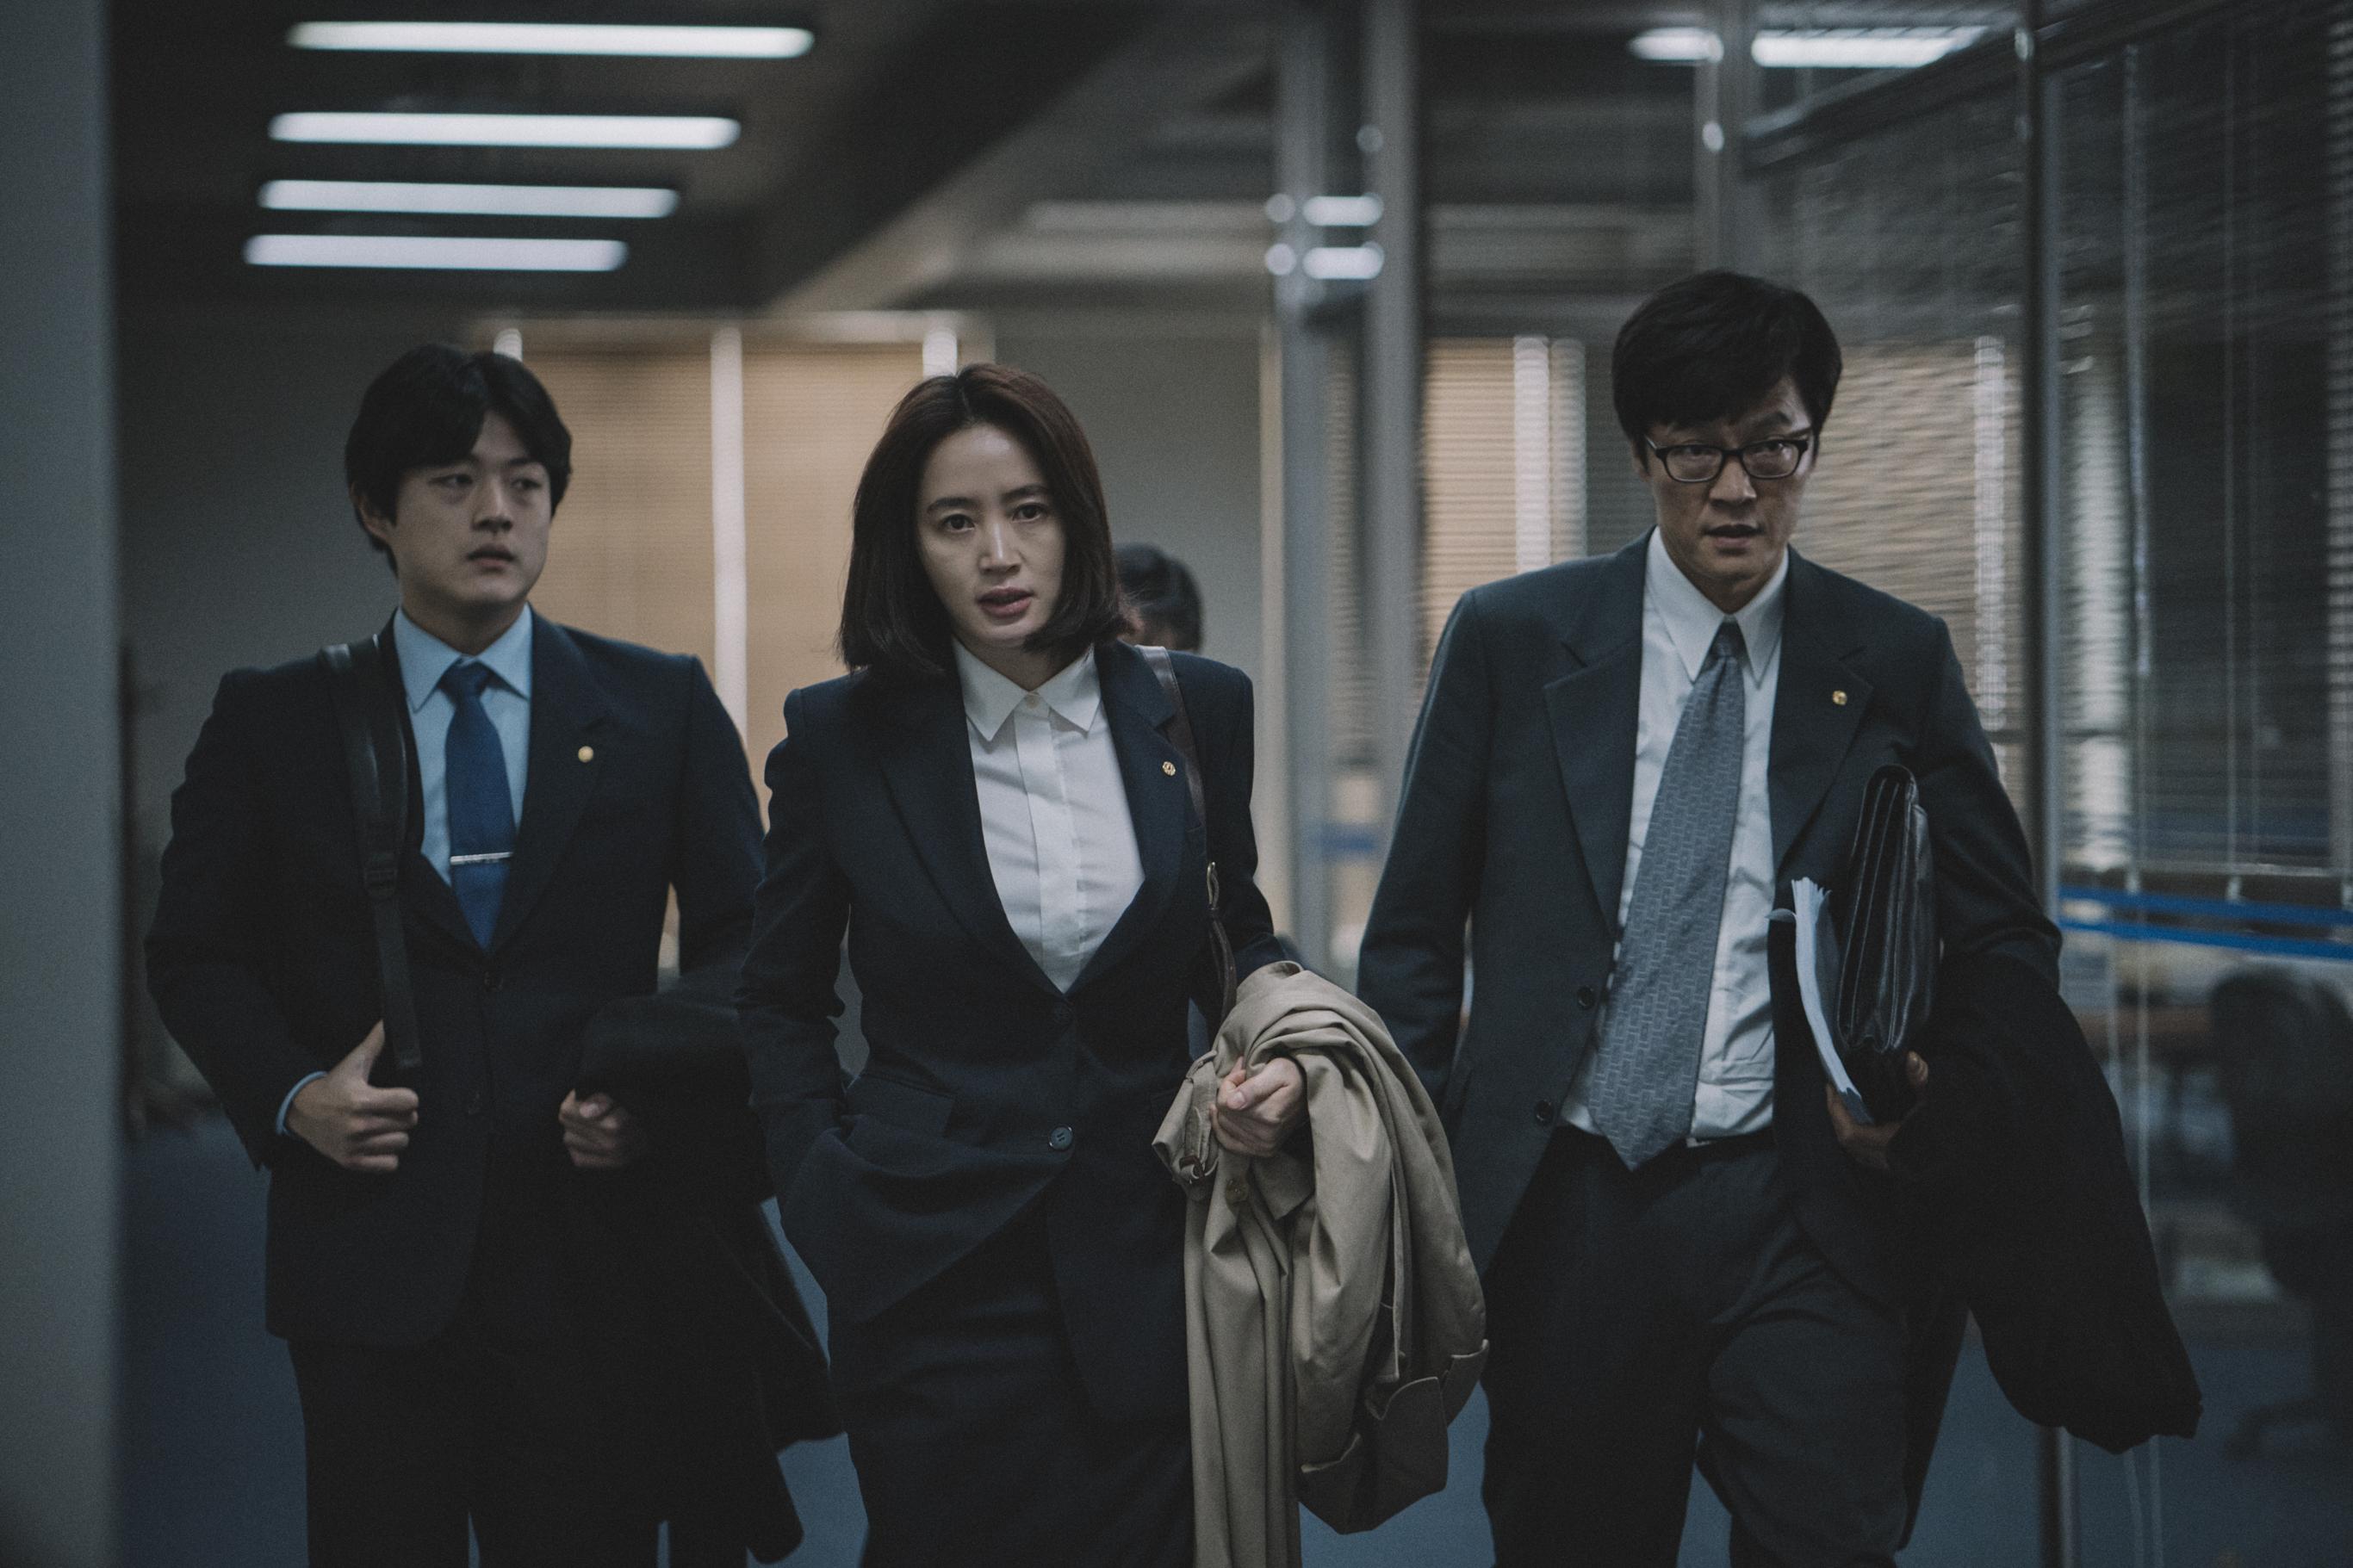 [애프터스크리닝] '국가부도의 날' 한국 영화에 없던 새 장르 만들며 안겨주는 깊은 울림 ★★★★